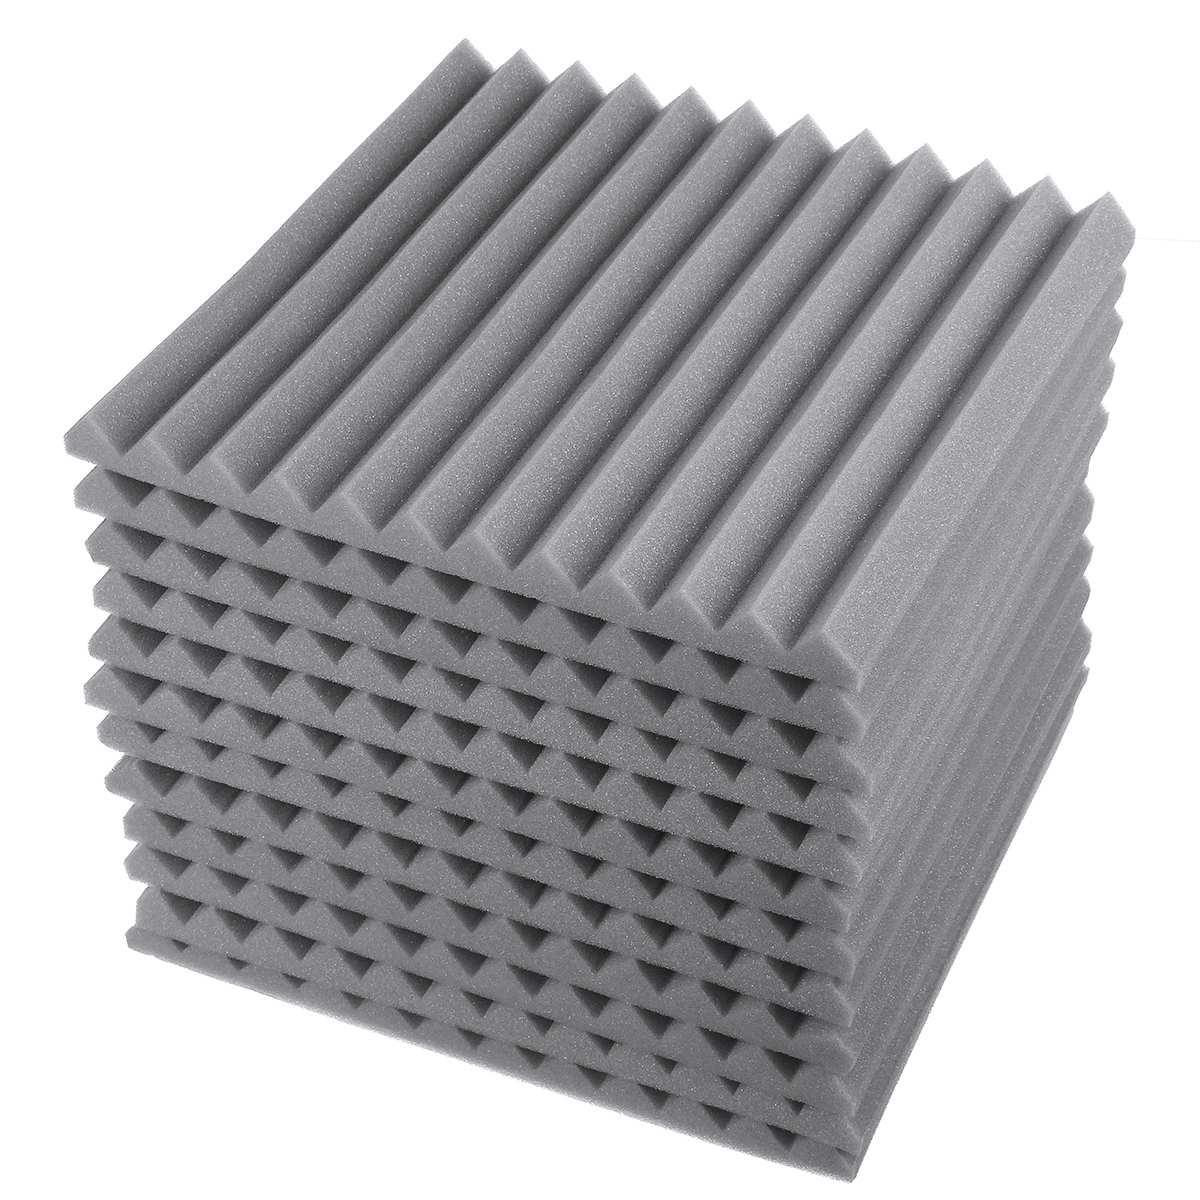 16 шт., звукопоглощающие панельные губки для звукопоглощения